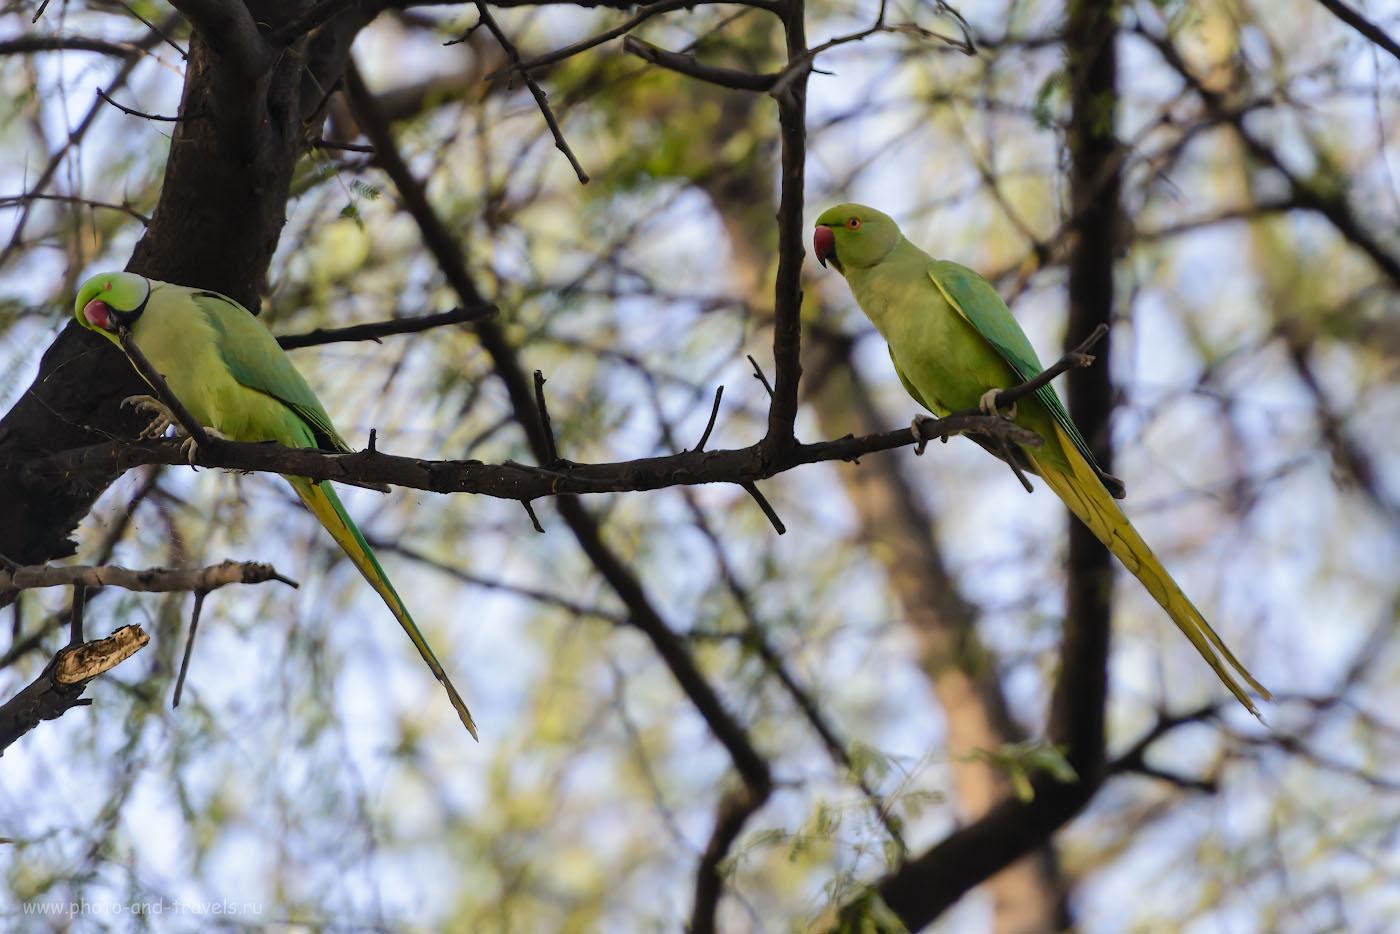 22. Индийские кольчатые попугаи всегда летают парочками. Отзывы туристов о самостоятельных экскурсиях в Раджастхане. 1/1250, 4.0, 250, 280.